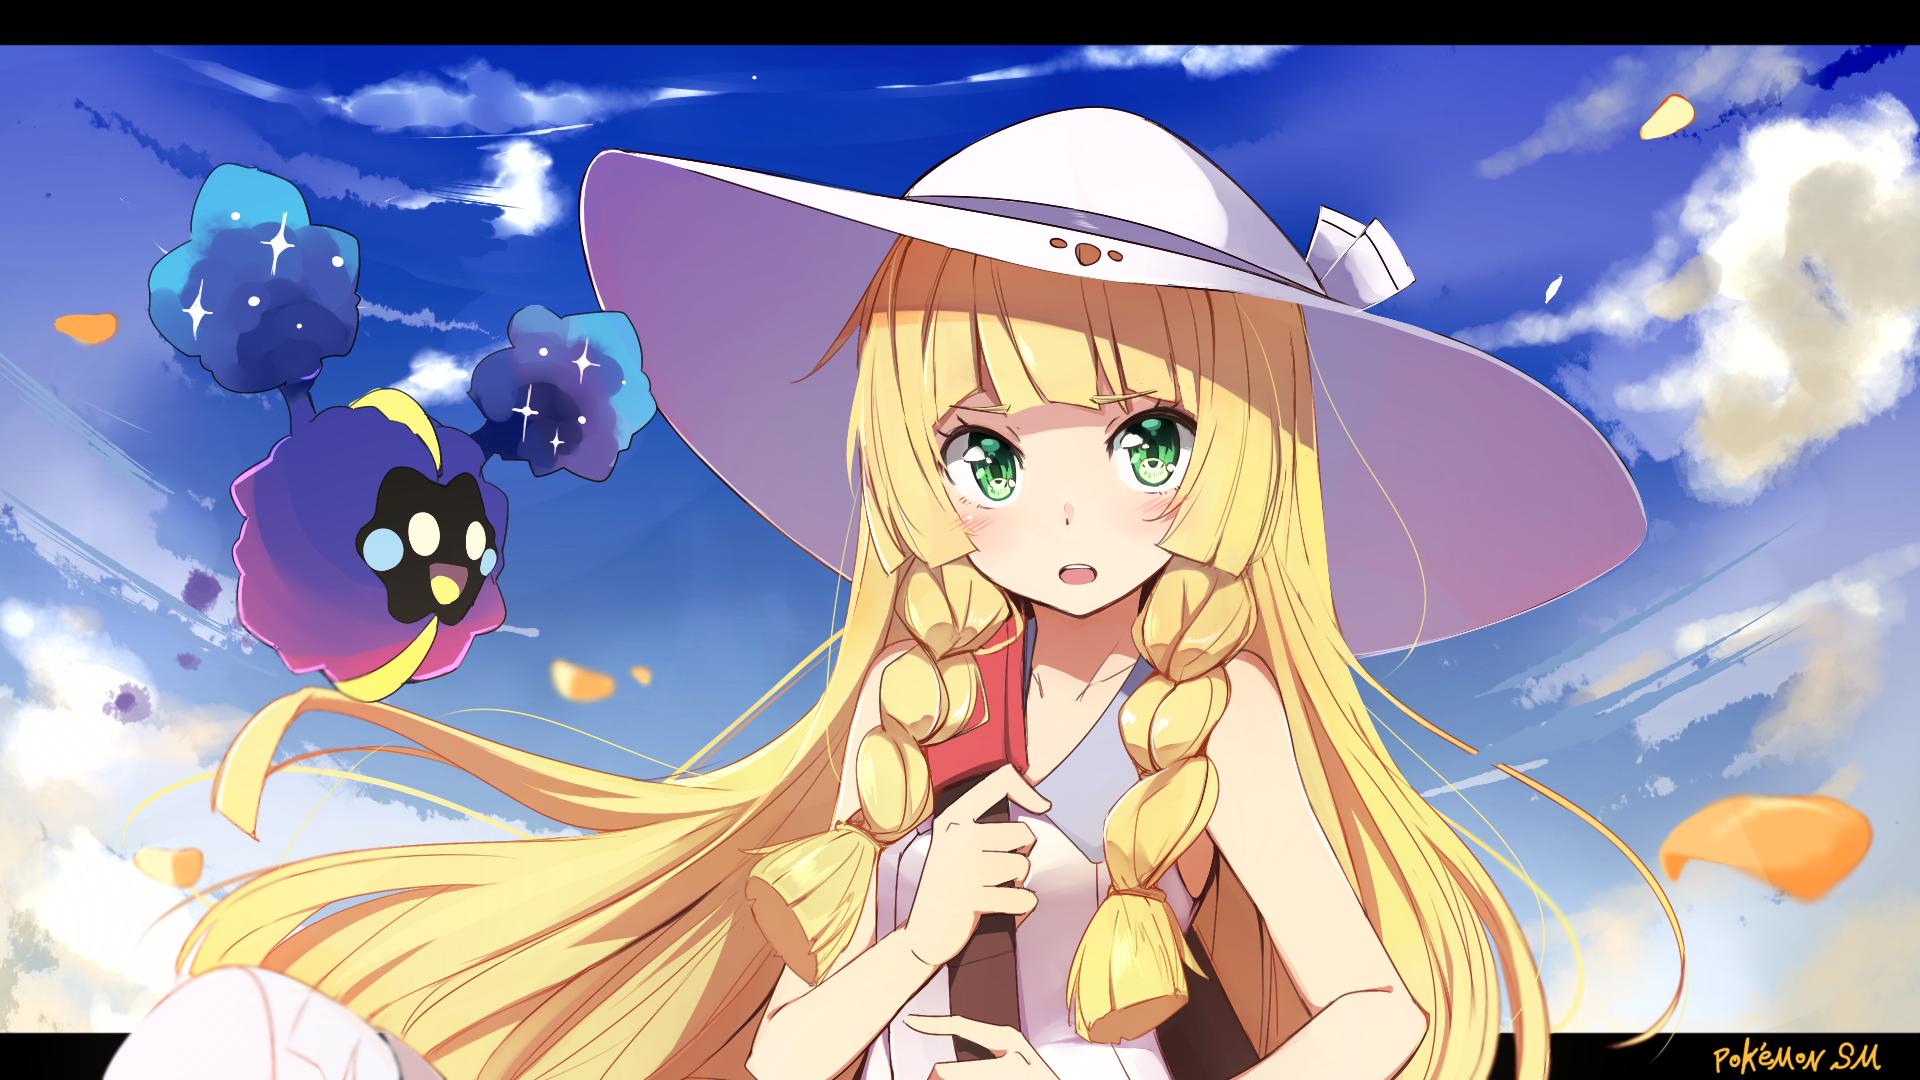 莉莉艾,pokemon,sunmoon,精灵宝可梦日月,本子,羁绊网,P站,本子图